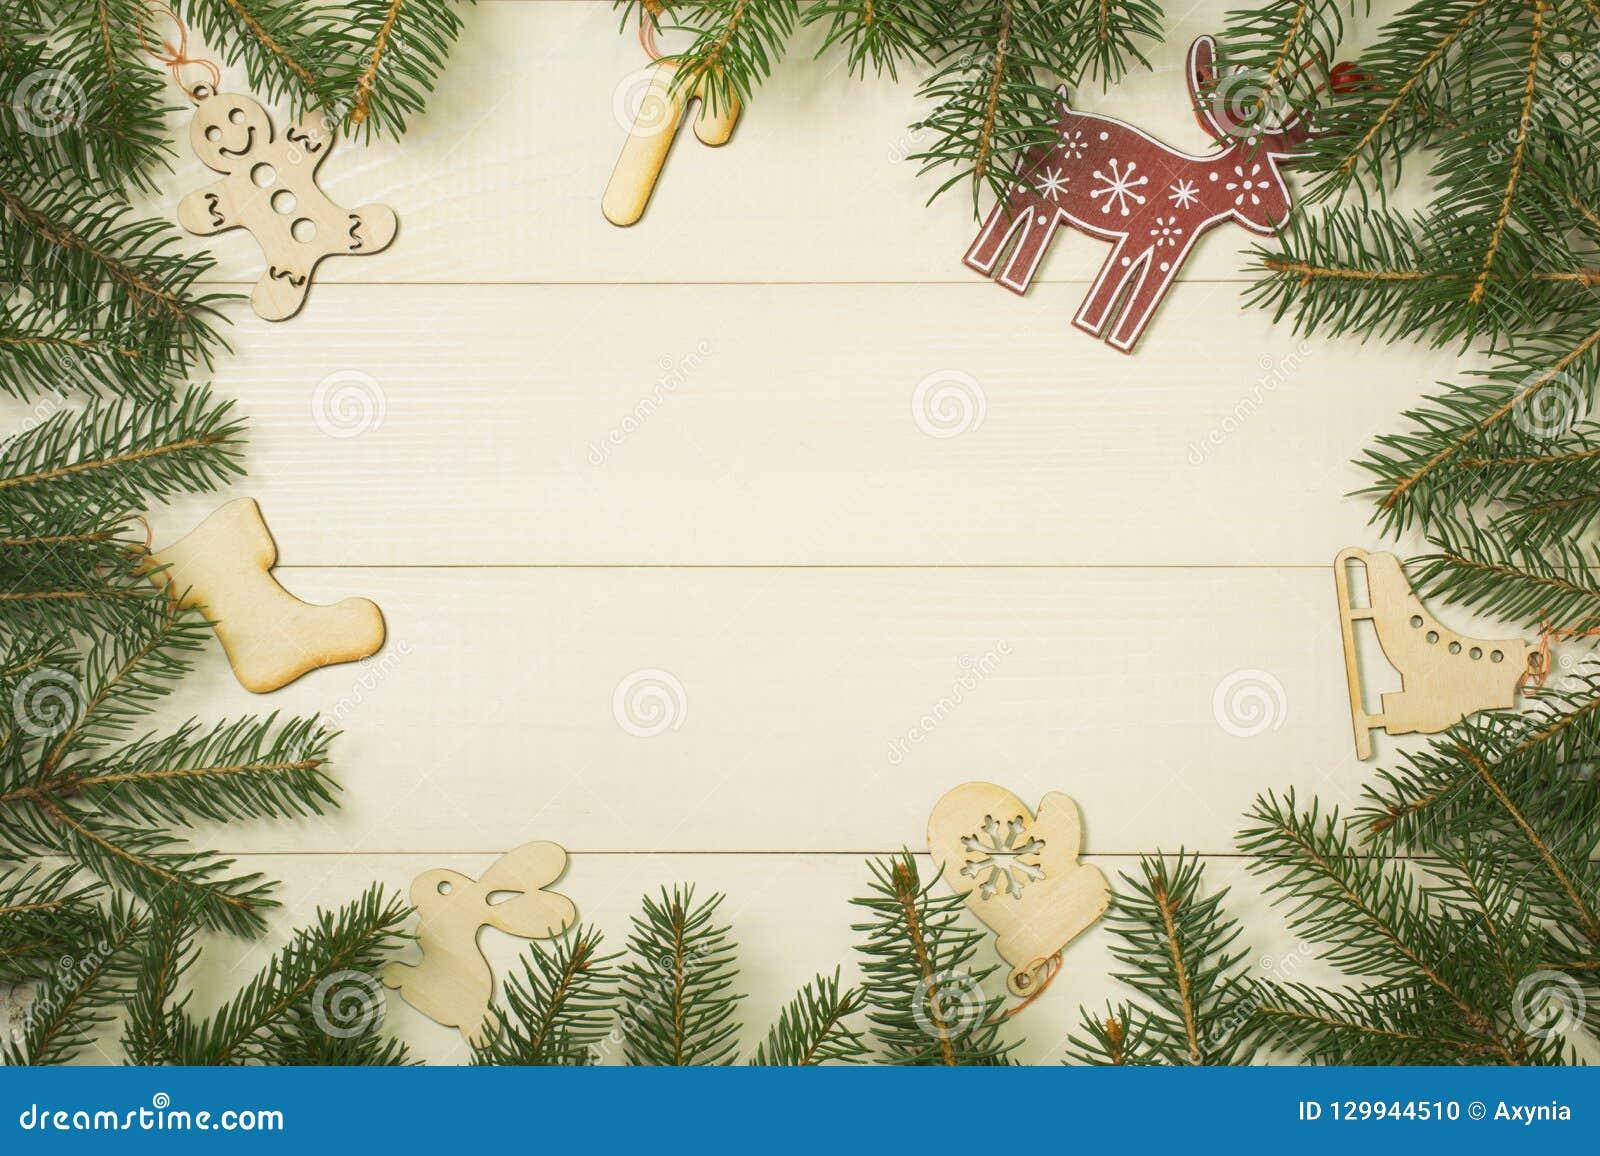 Marcos Para Fotos De Arbol De Navidad.Ramas Del Marco Del Arbol De Navidad Y Juguetes De La